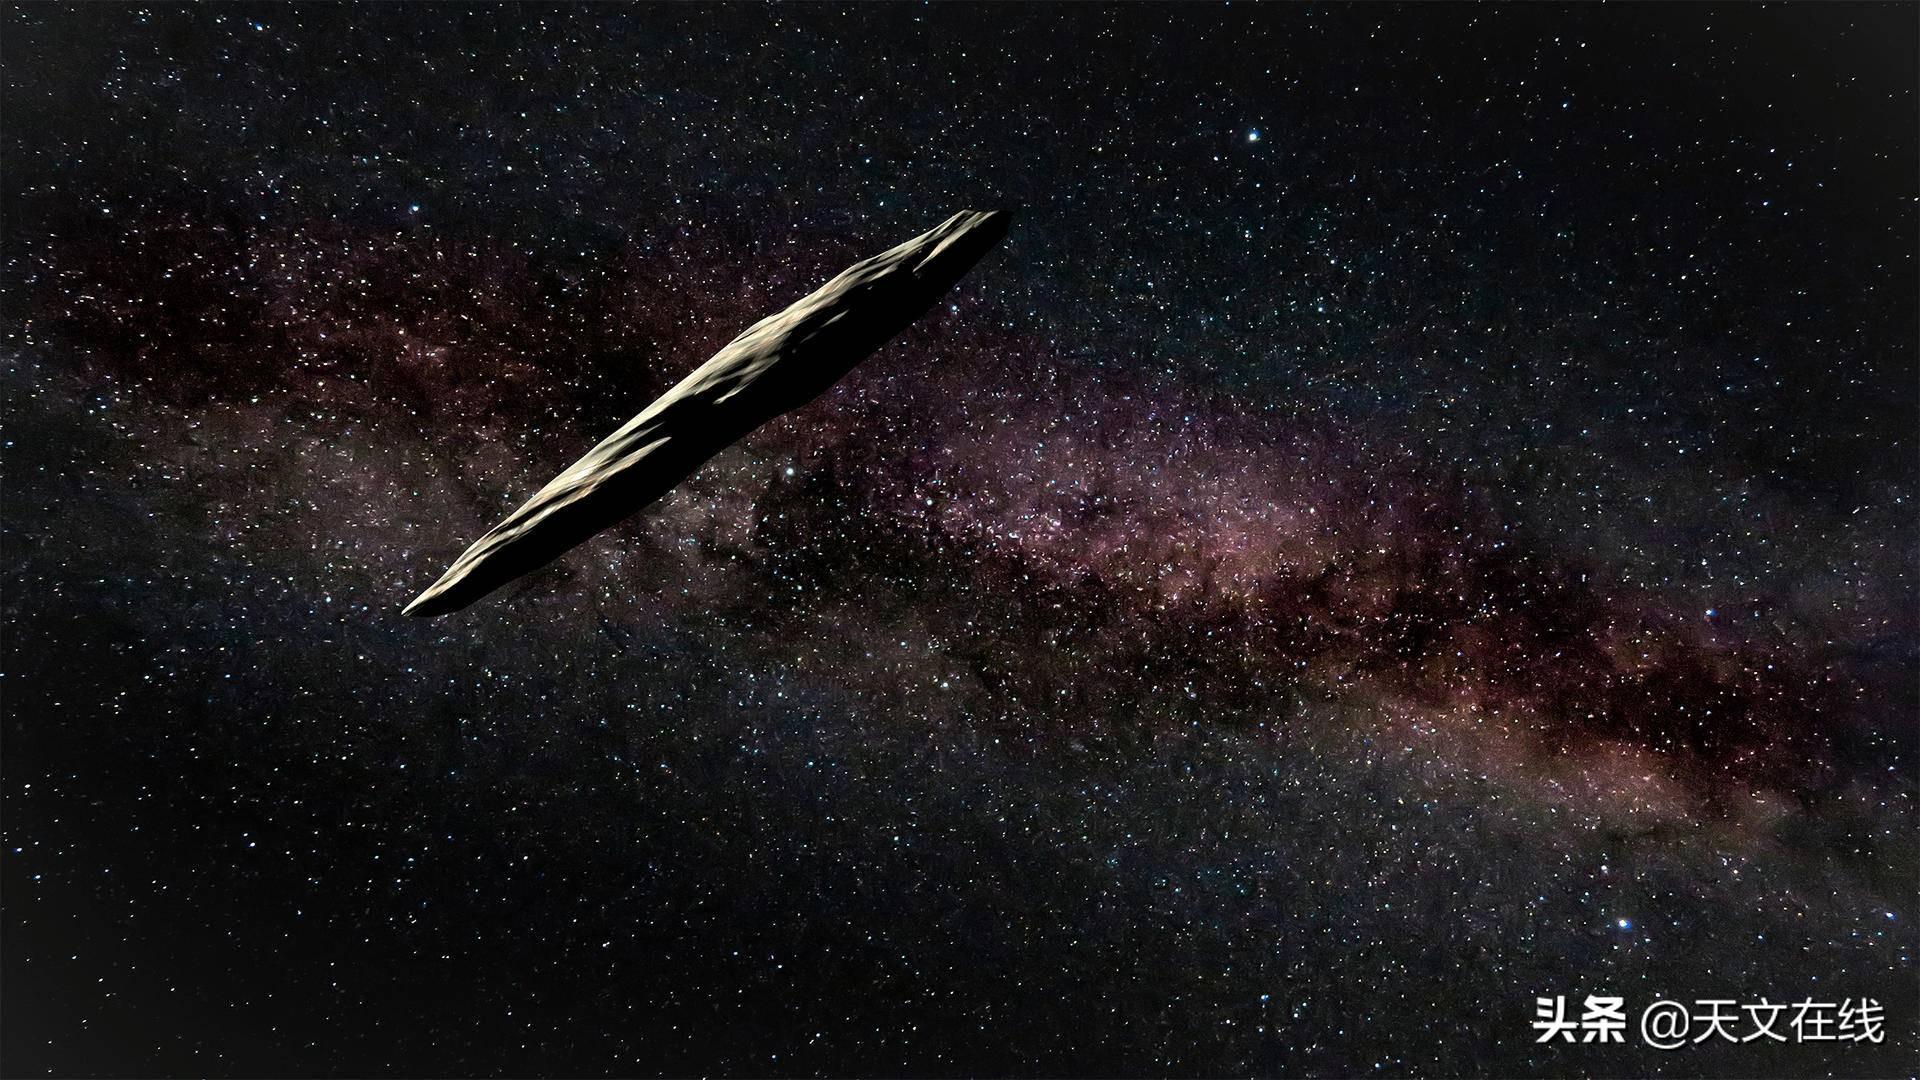 星际访客到来,穿越太阳系,有什么惊喜?